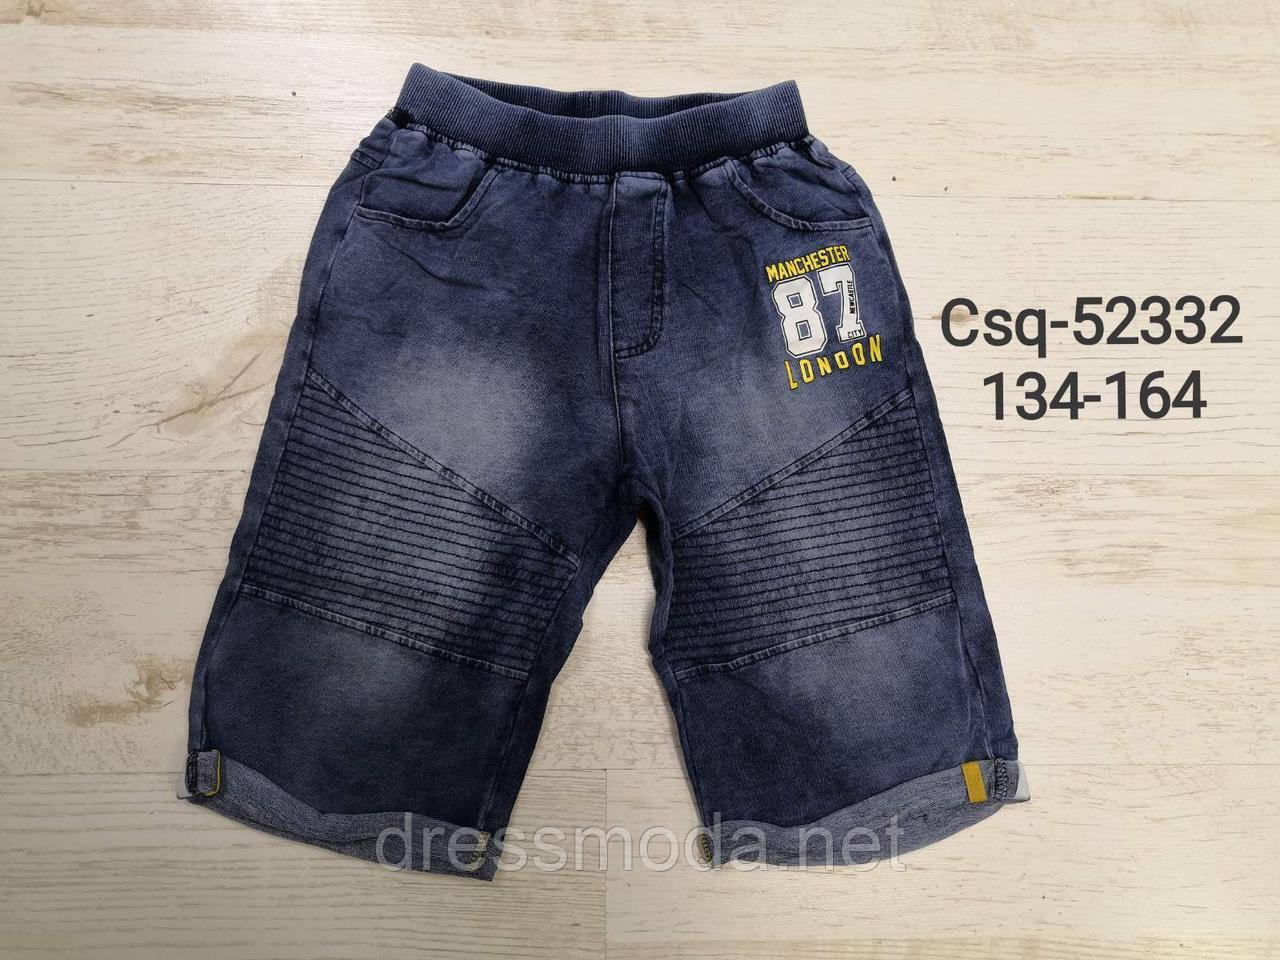 Трикотажные шорты  под джинс для мальчиков Seagull 134-164 р.р.